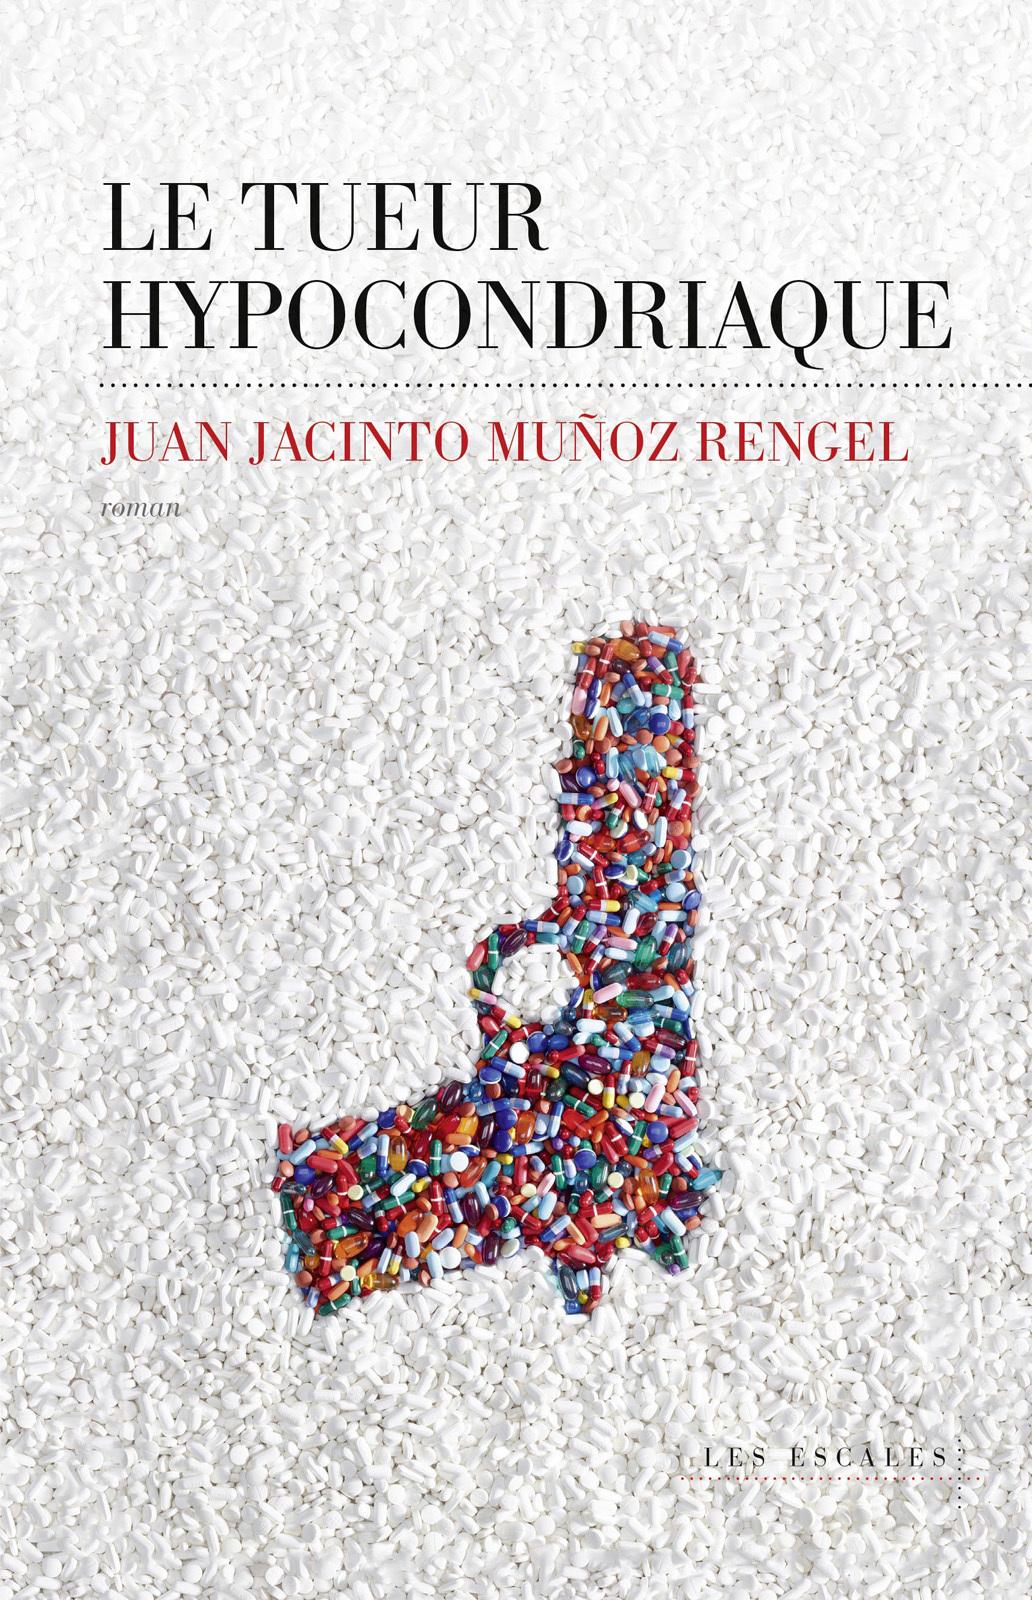 Le Tueur hypocondriaque | MUNOZ RENGEL, Juan Jacinto